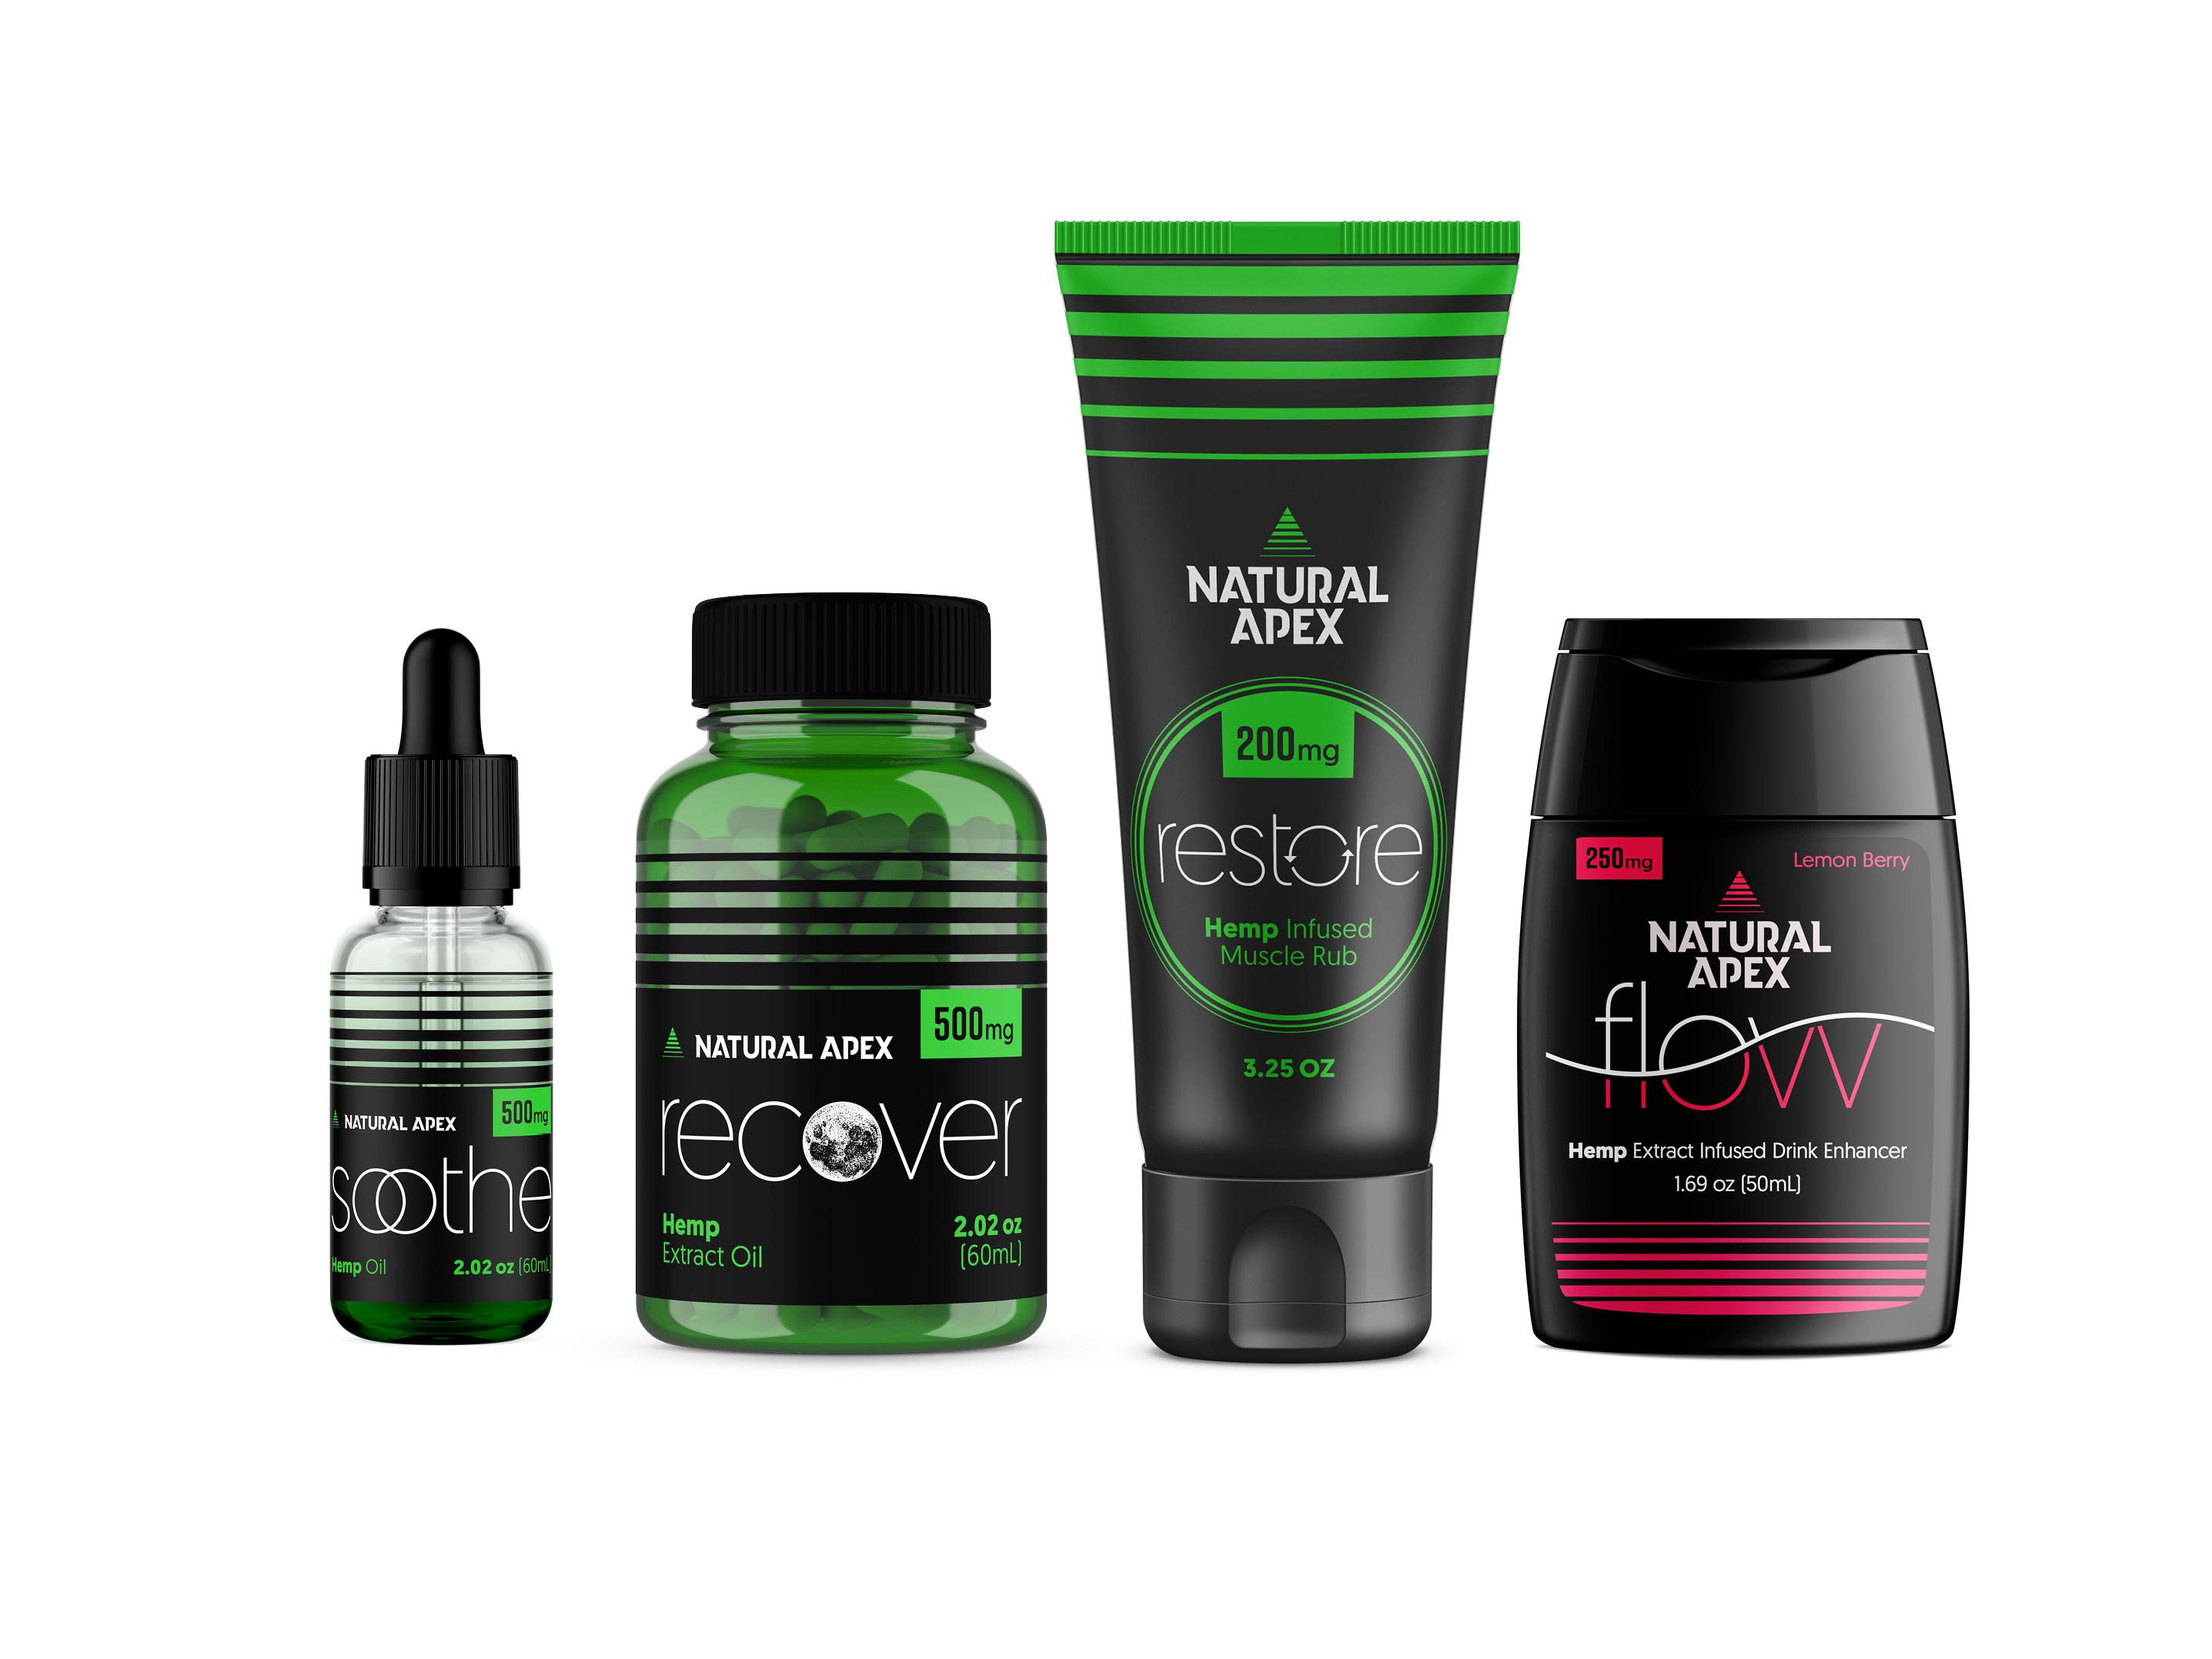 Naturalapex packaging